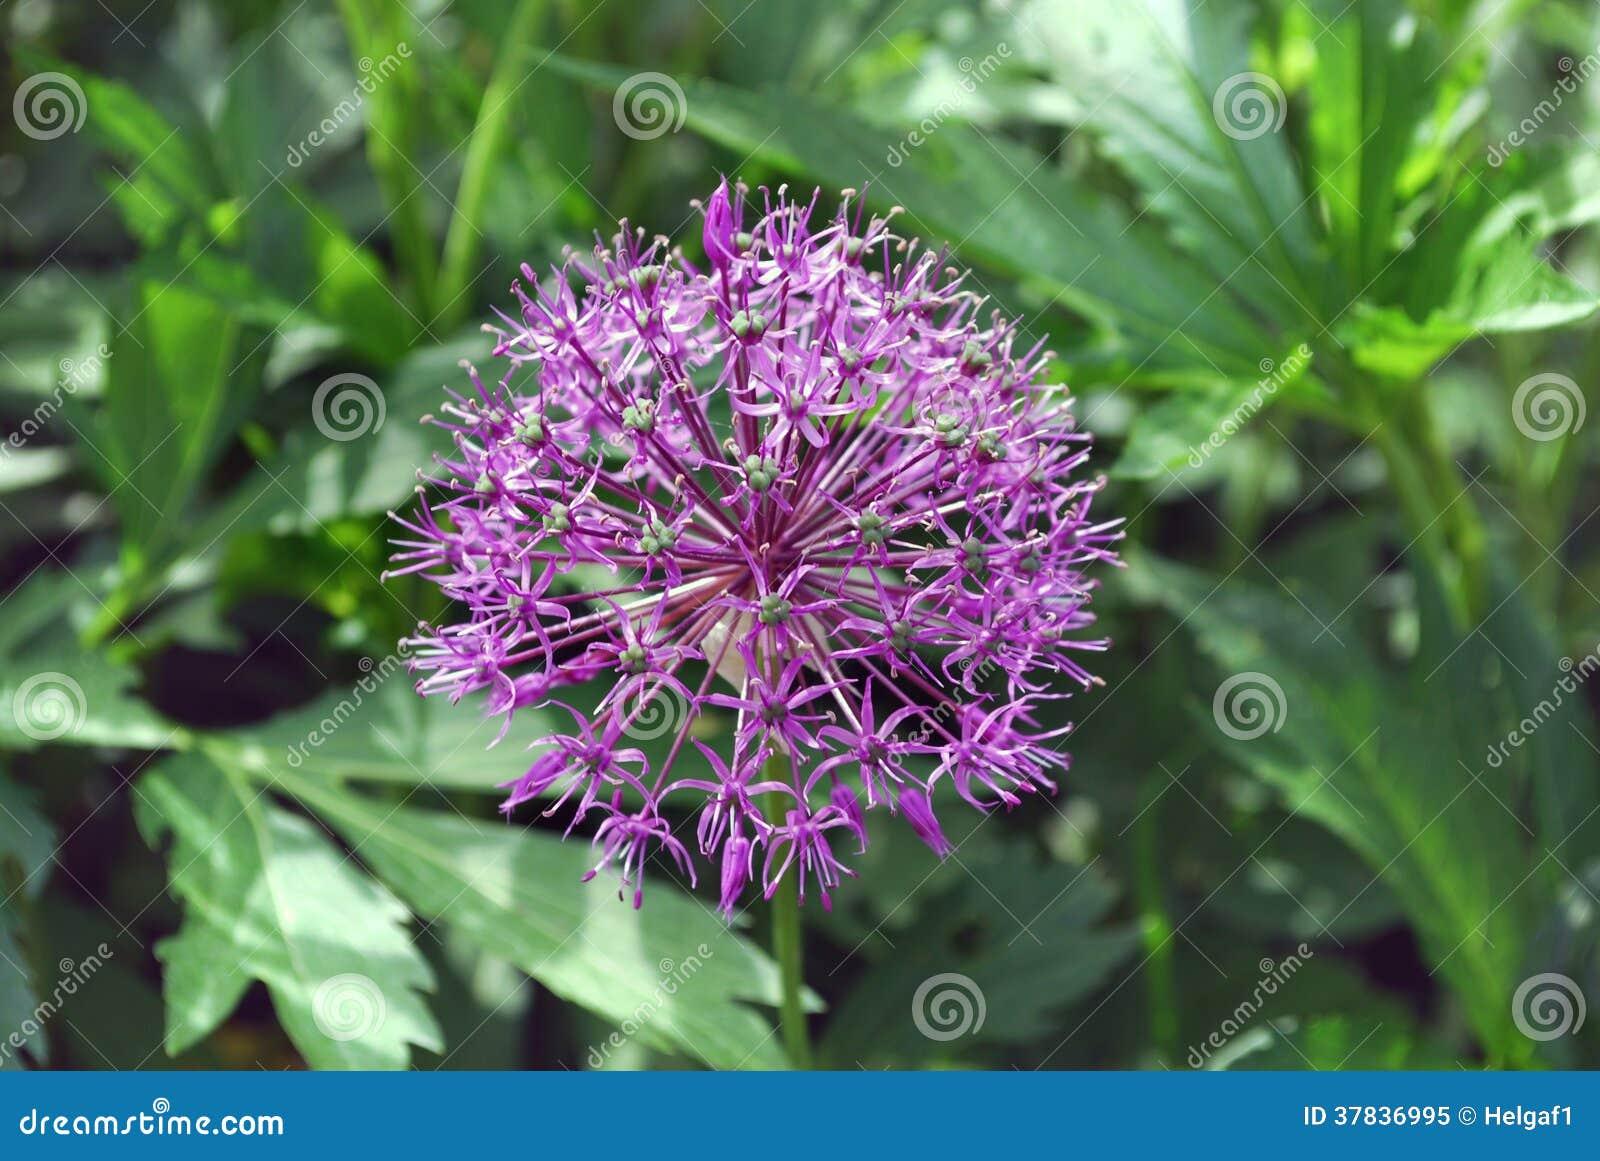 oignon rose lumineux de fleur photo libre de droits image 37836995. Black Bedroom Furniture Sets. Home Design Ideas